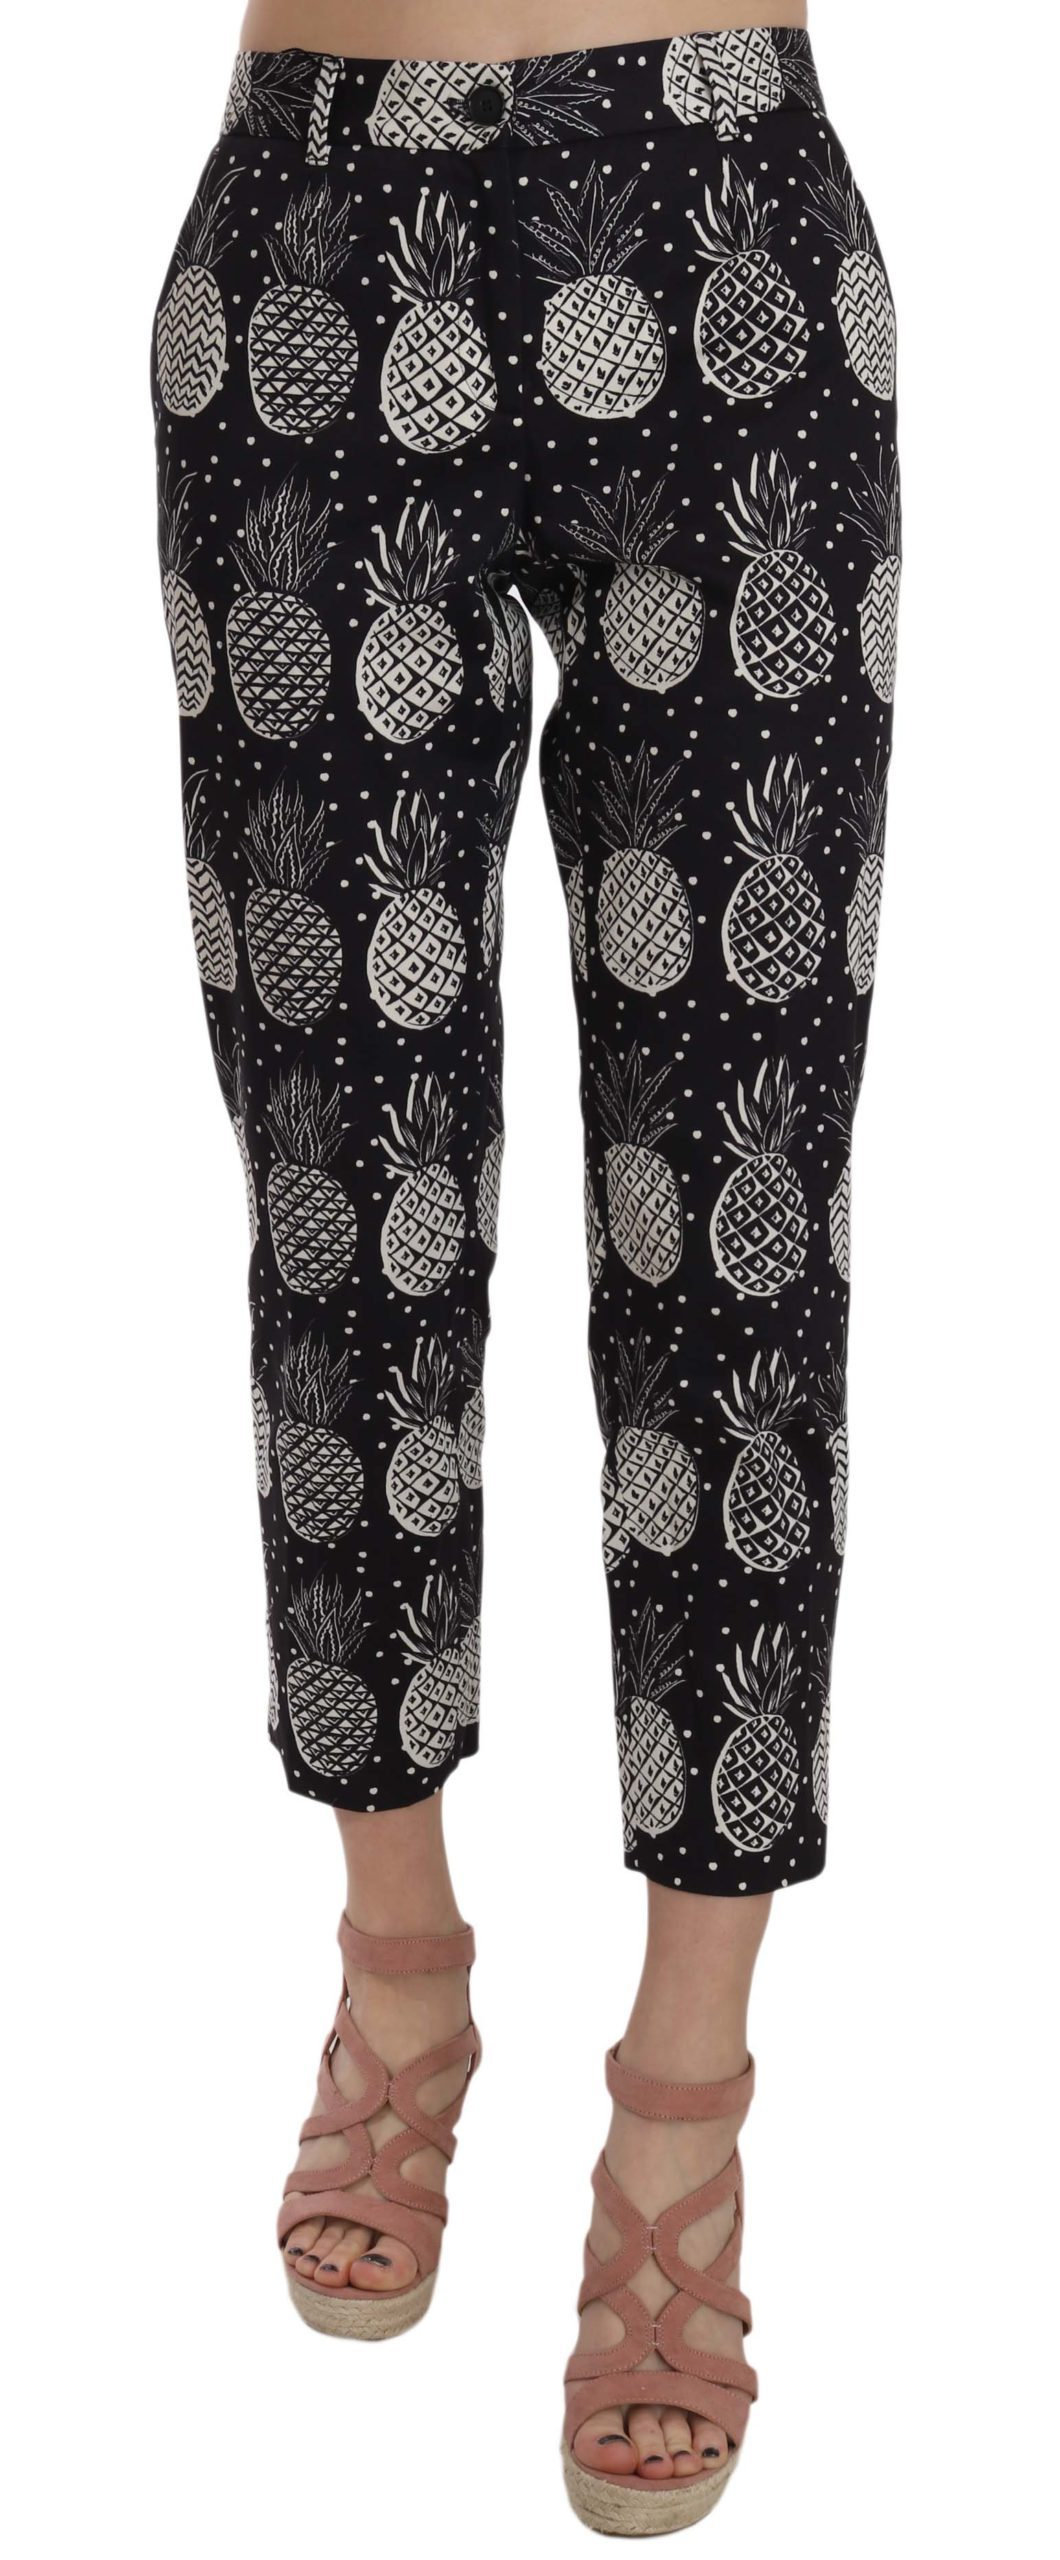 Dolce & Gabbana Women's Pineapple Print Capri Trouser Black PAN70008 - IT42|M